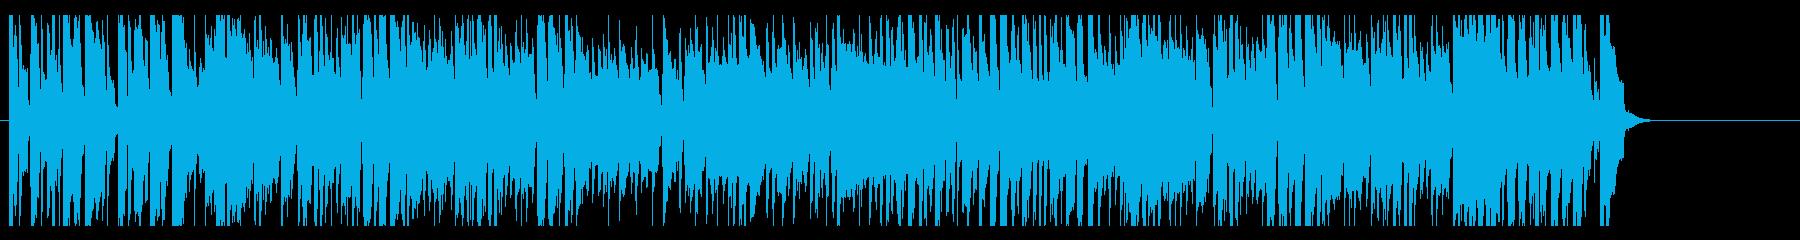 ヒーロー・特撮向けの前進していくBGMの再生済みの波形